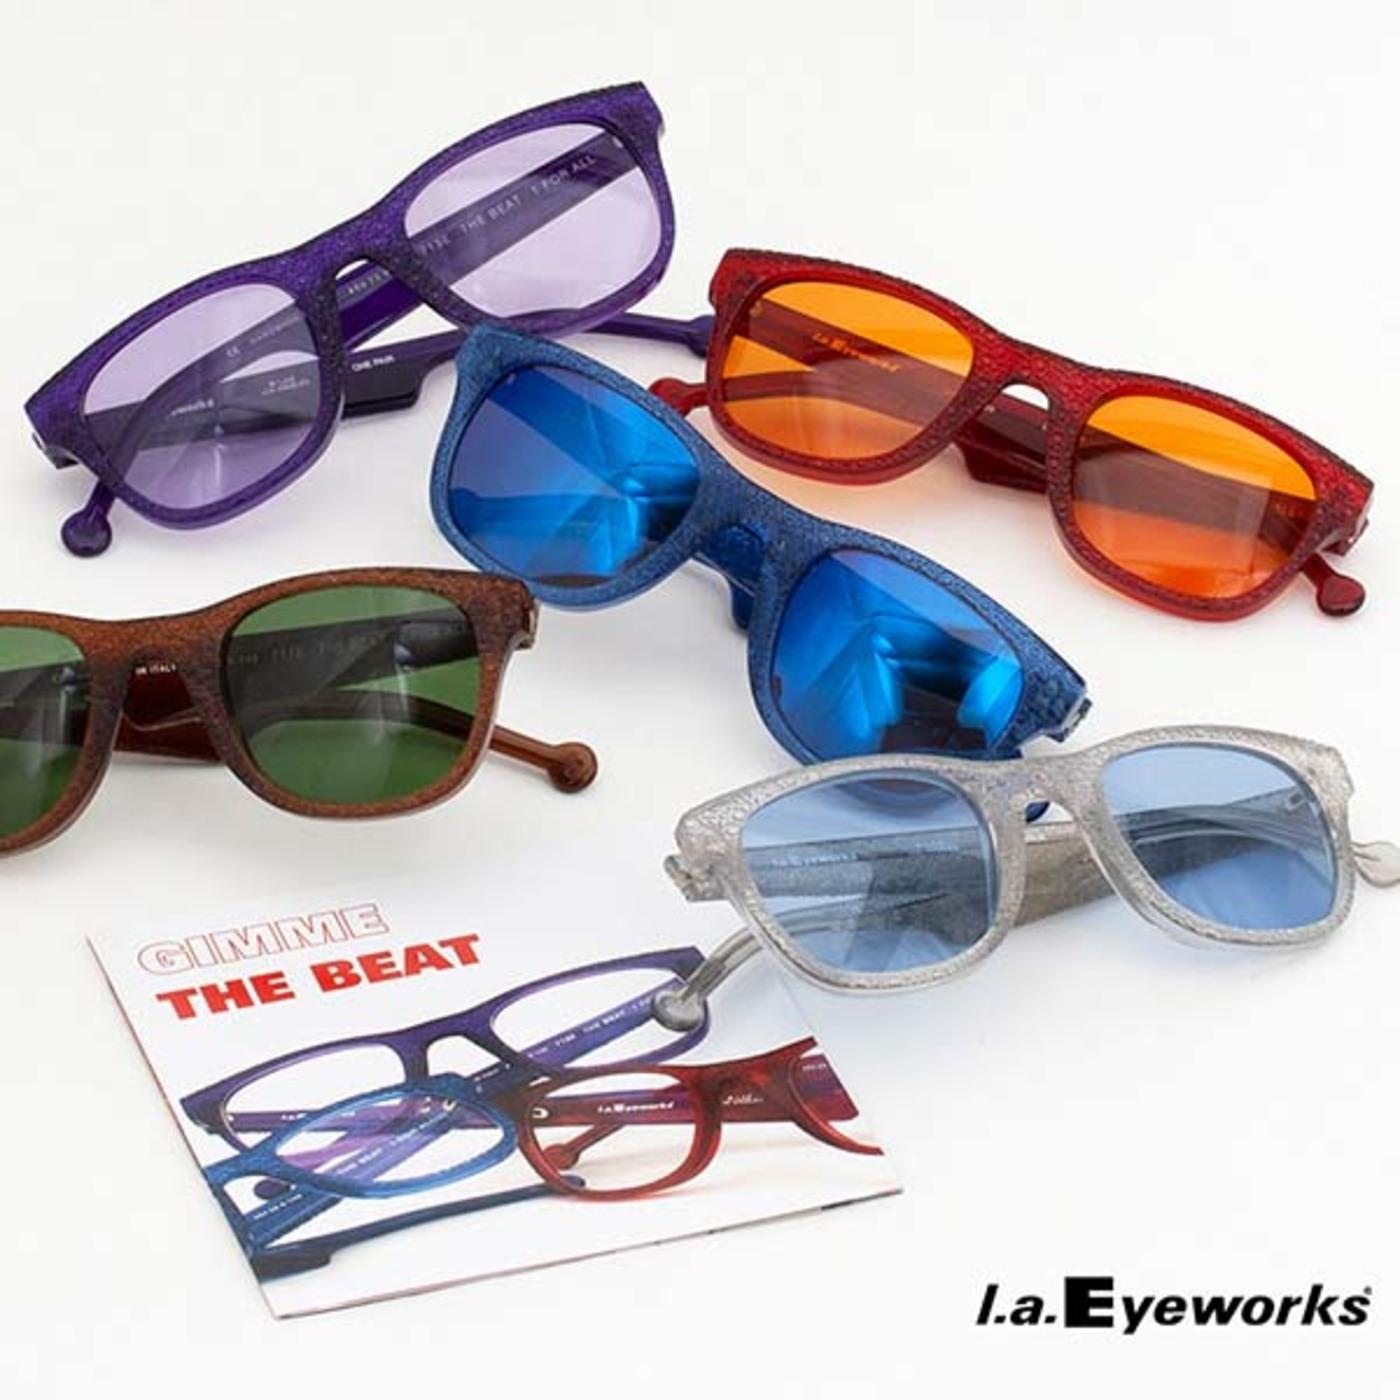 Laeyeworks